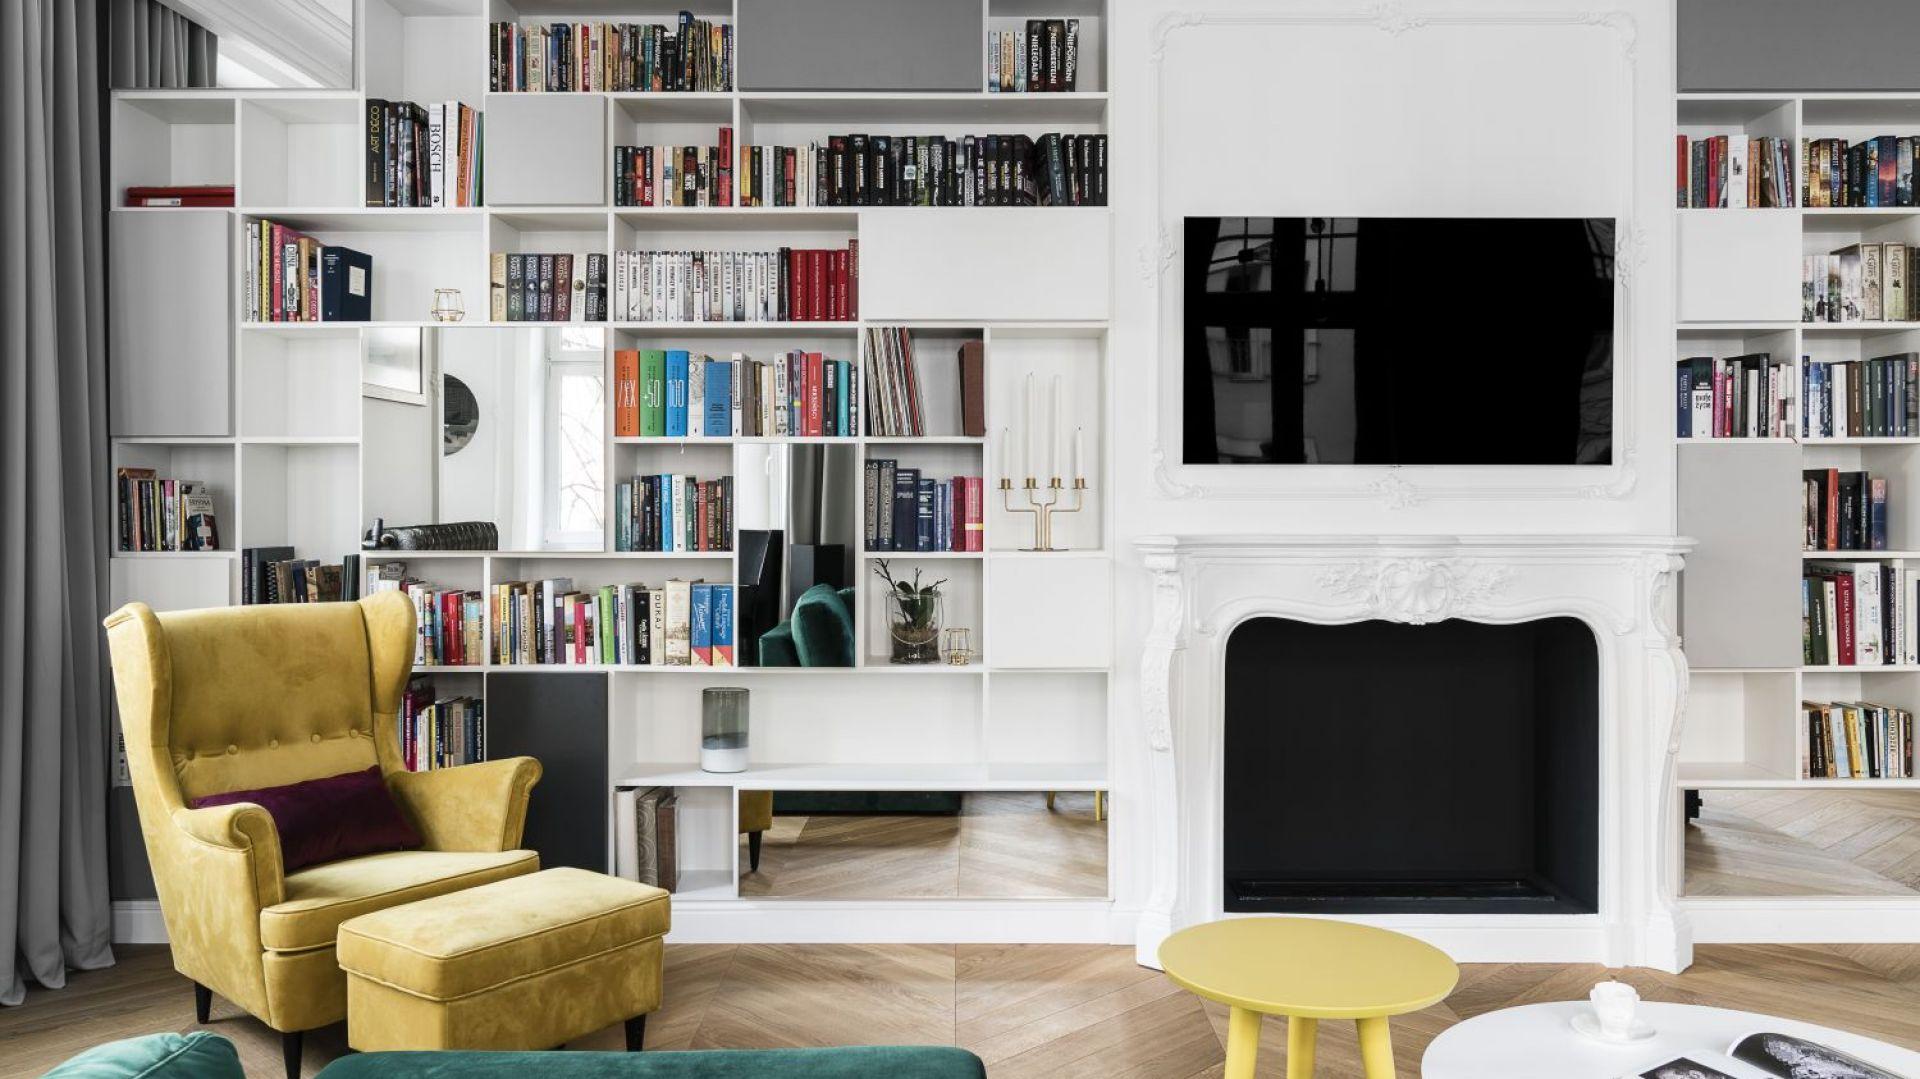 Niektóre elementy wystroju utrzymane są w stylu klasycznym, inne – typowo industrialne, minimalistyczne i modernistyczne. Projekt: Anna Maria Sokołowska. Fot. Foto&Mohito